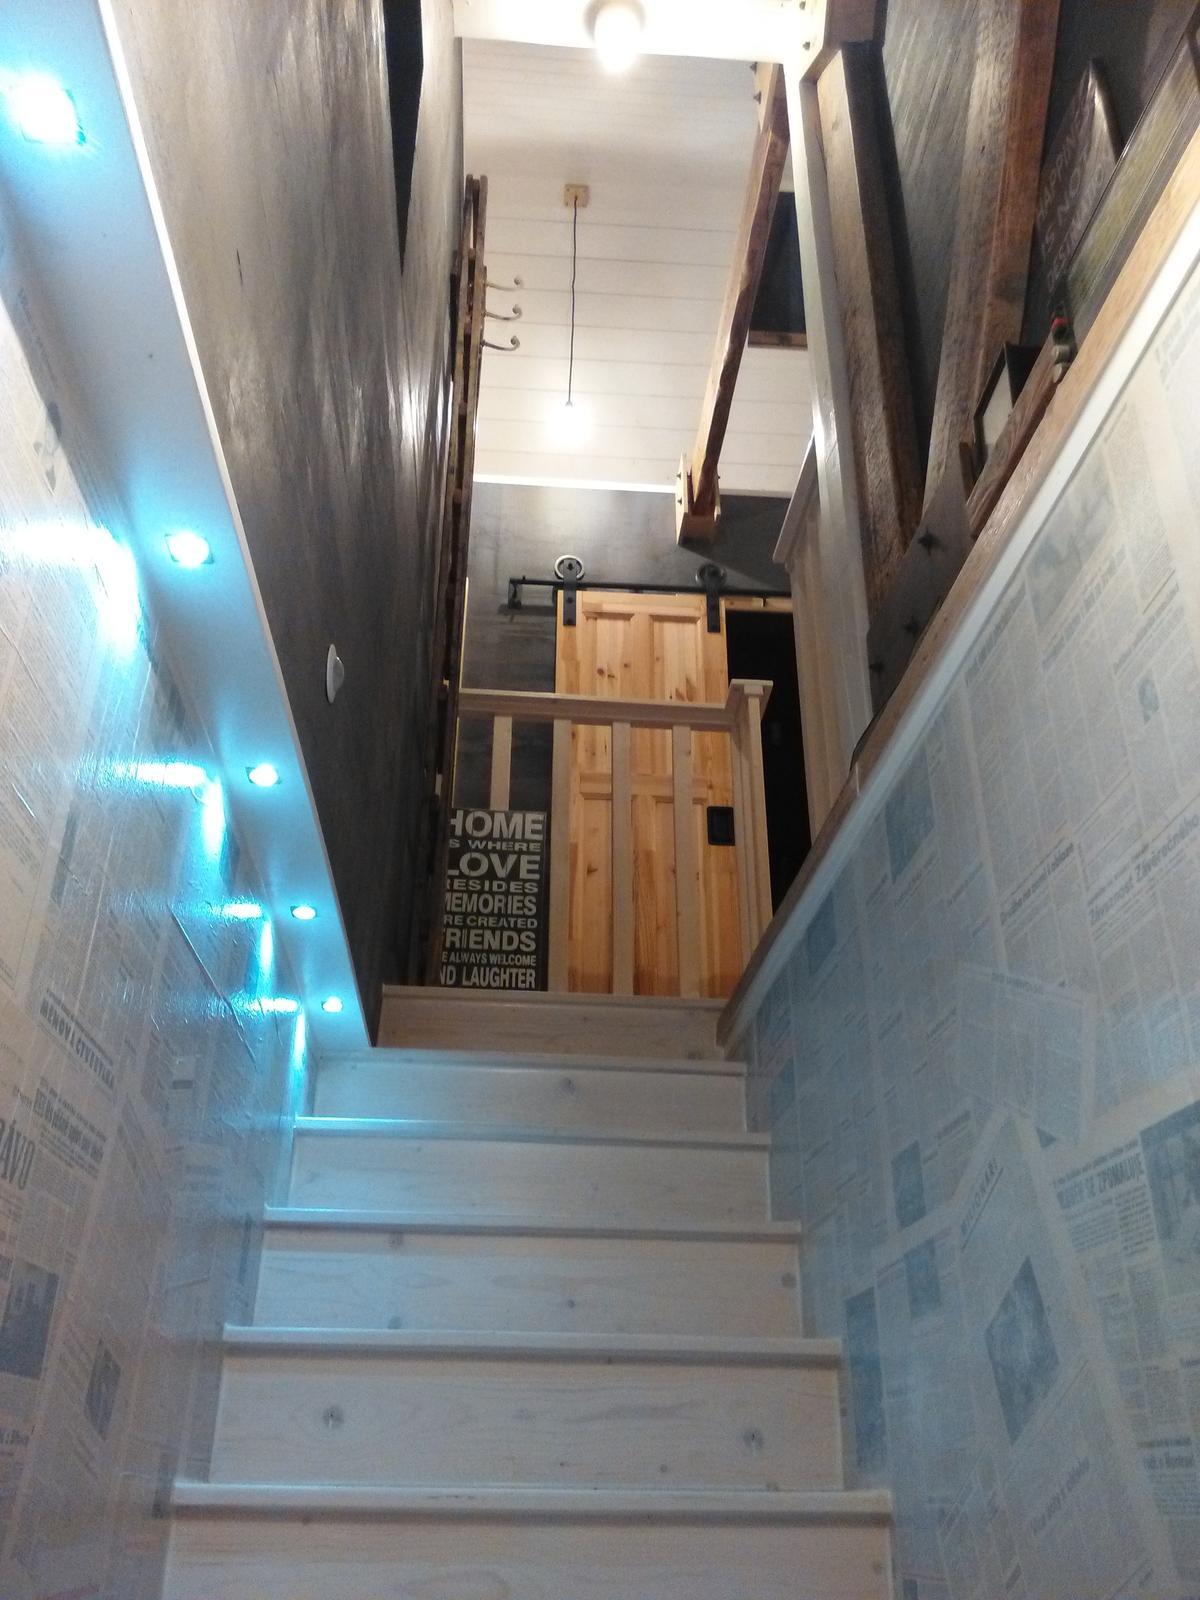 °°° Hnízdečko v podkroví  °°° - Takový schody do nebe... hm, hm postavit chtěl bych pro Tebe, vždyť Ty jsi bílá, jako ta víla nemyslíš vůbec na sebe, hm, hm....